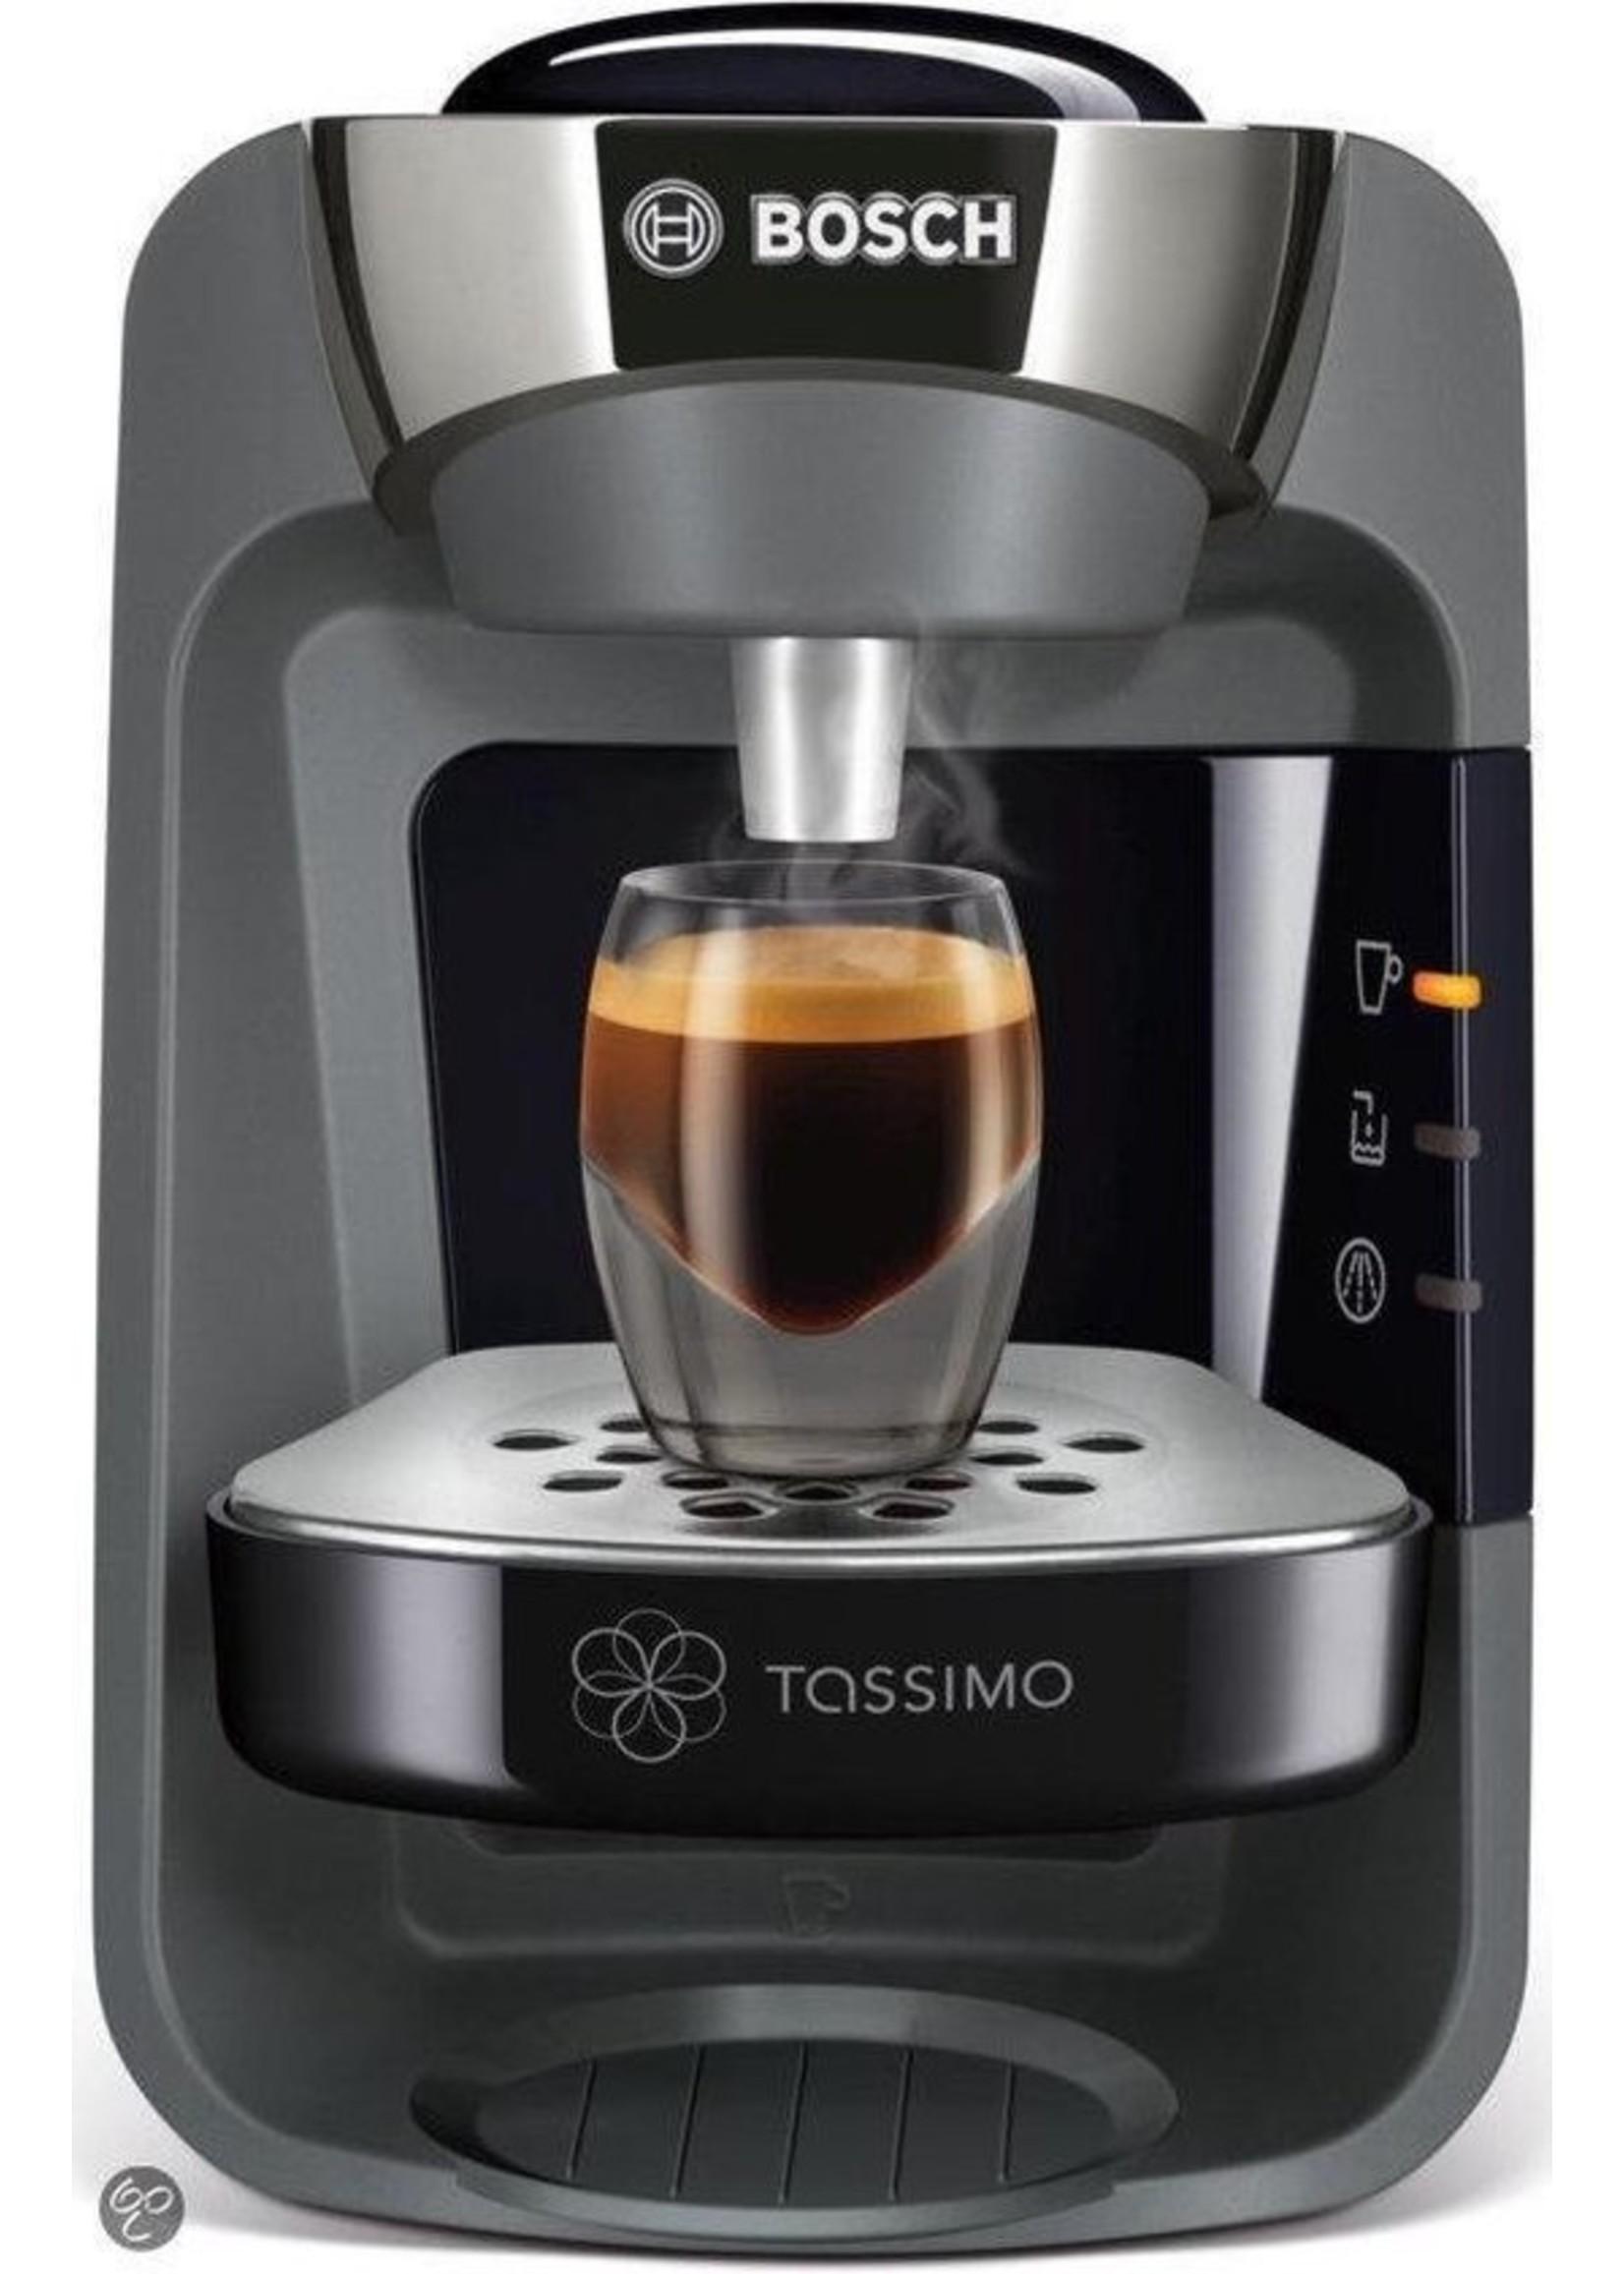 Bosch Bosch TAS3202 - Koffiepadmachine - Zwart